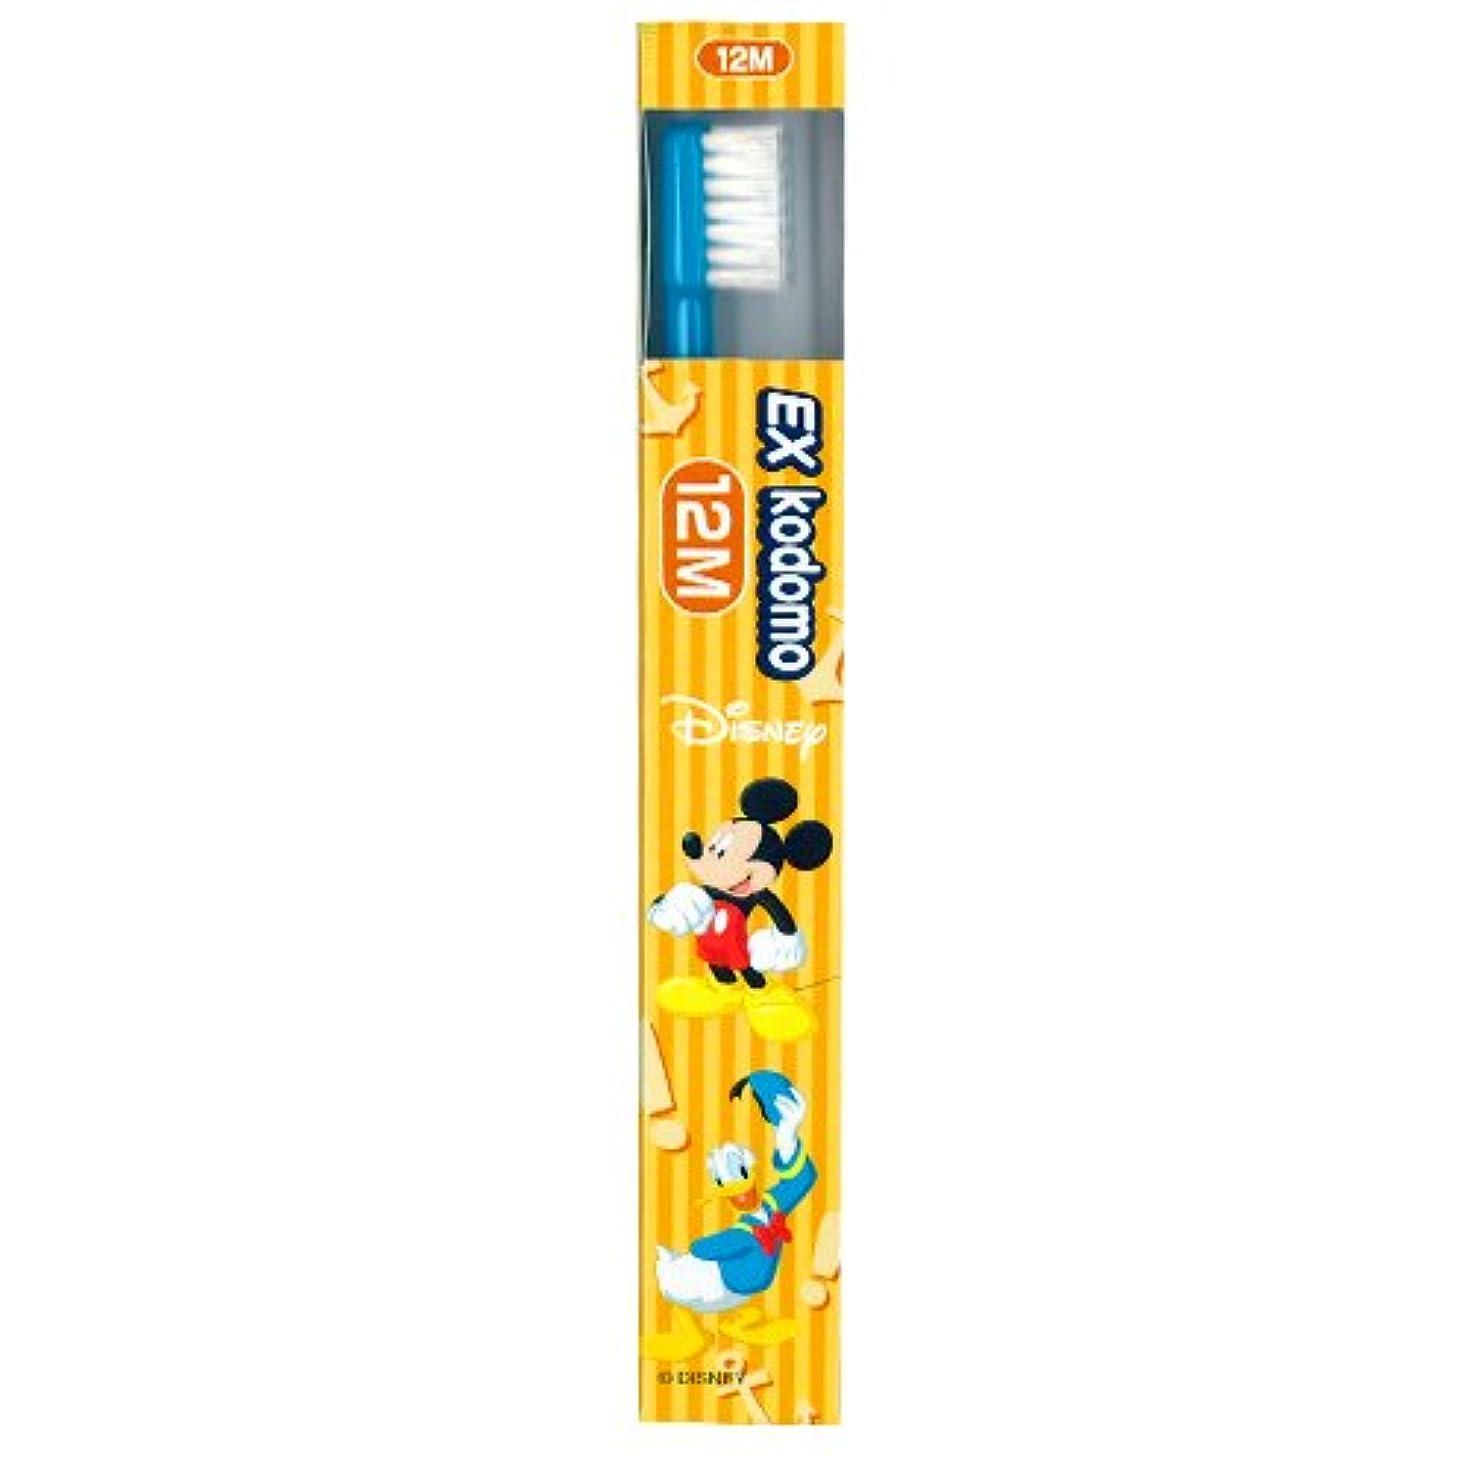 バックアップ日焼け引き出すライオン EX kodomo ディズニー 歯ブラシ 1本 12M ブルー